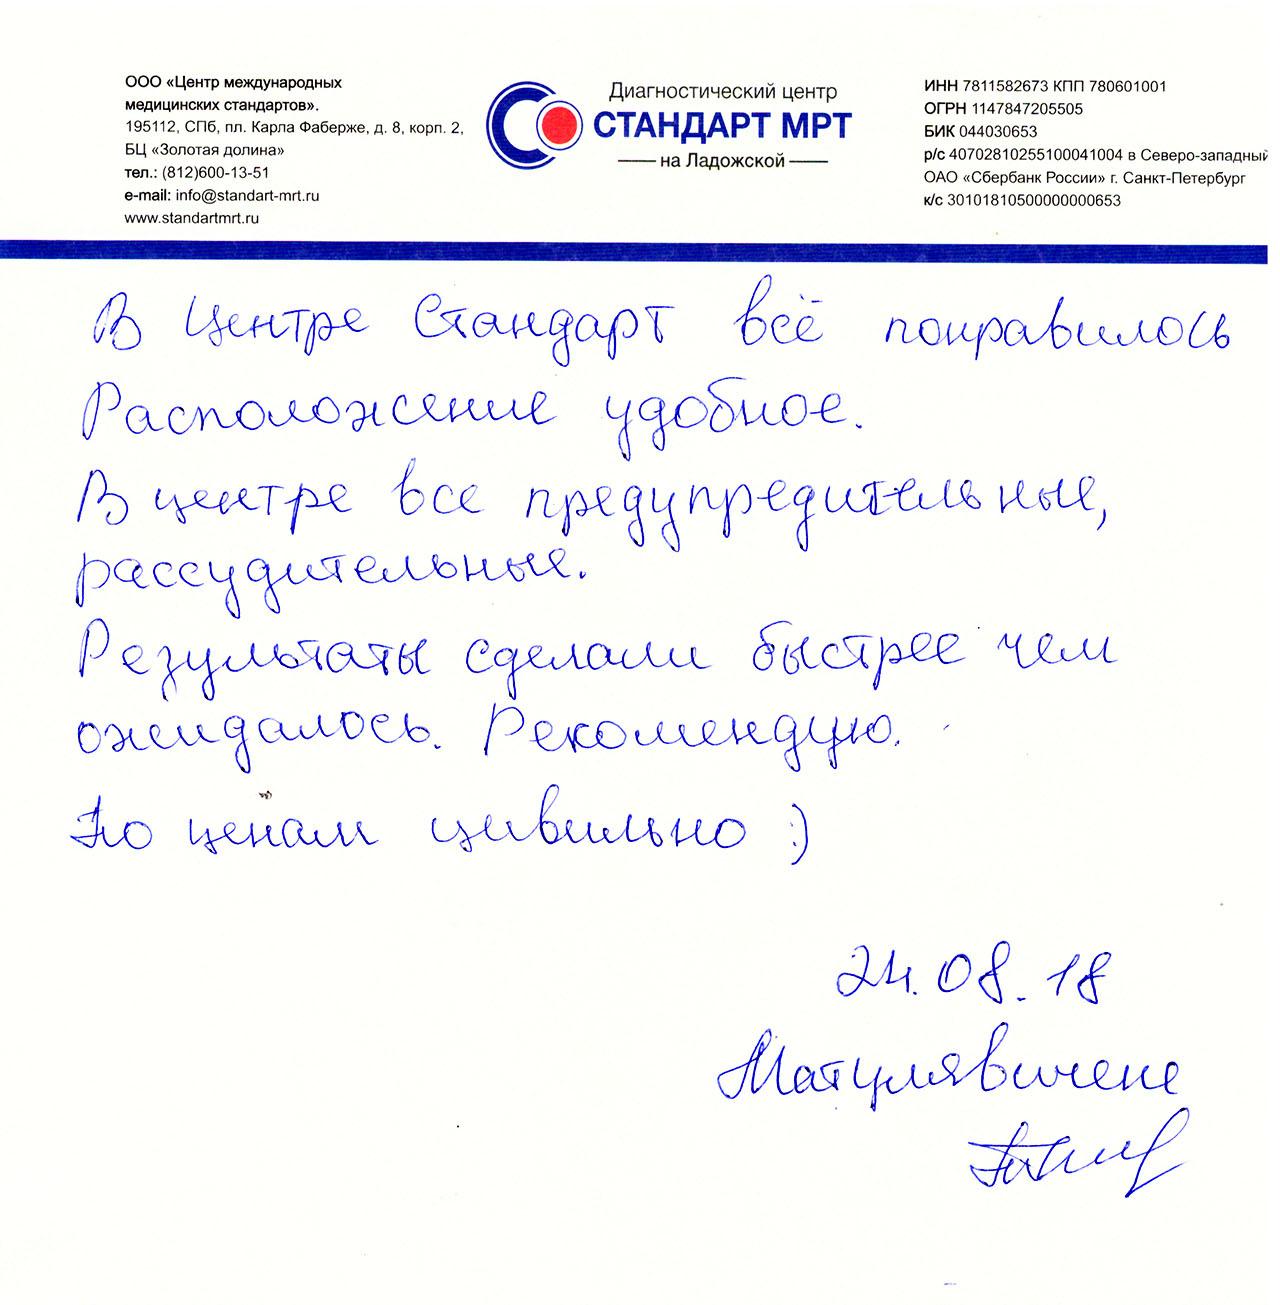 Отзыв о Стандарт МРТ на Ладожской от 24 августа 2018 года